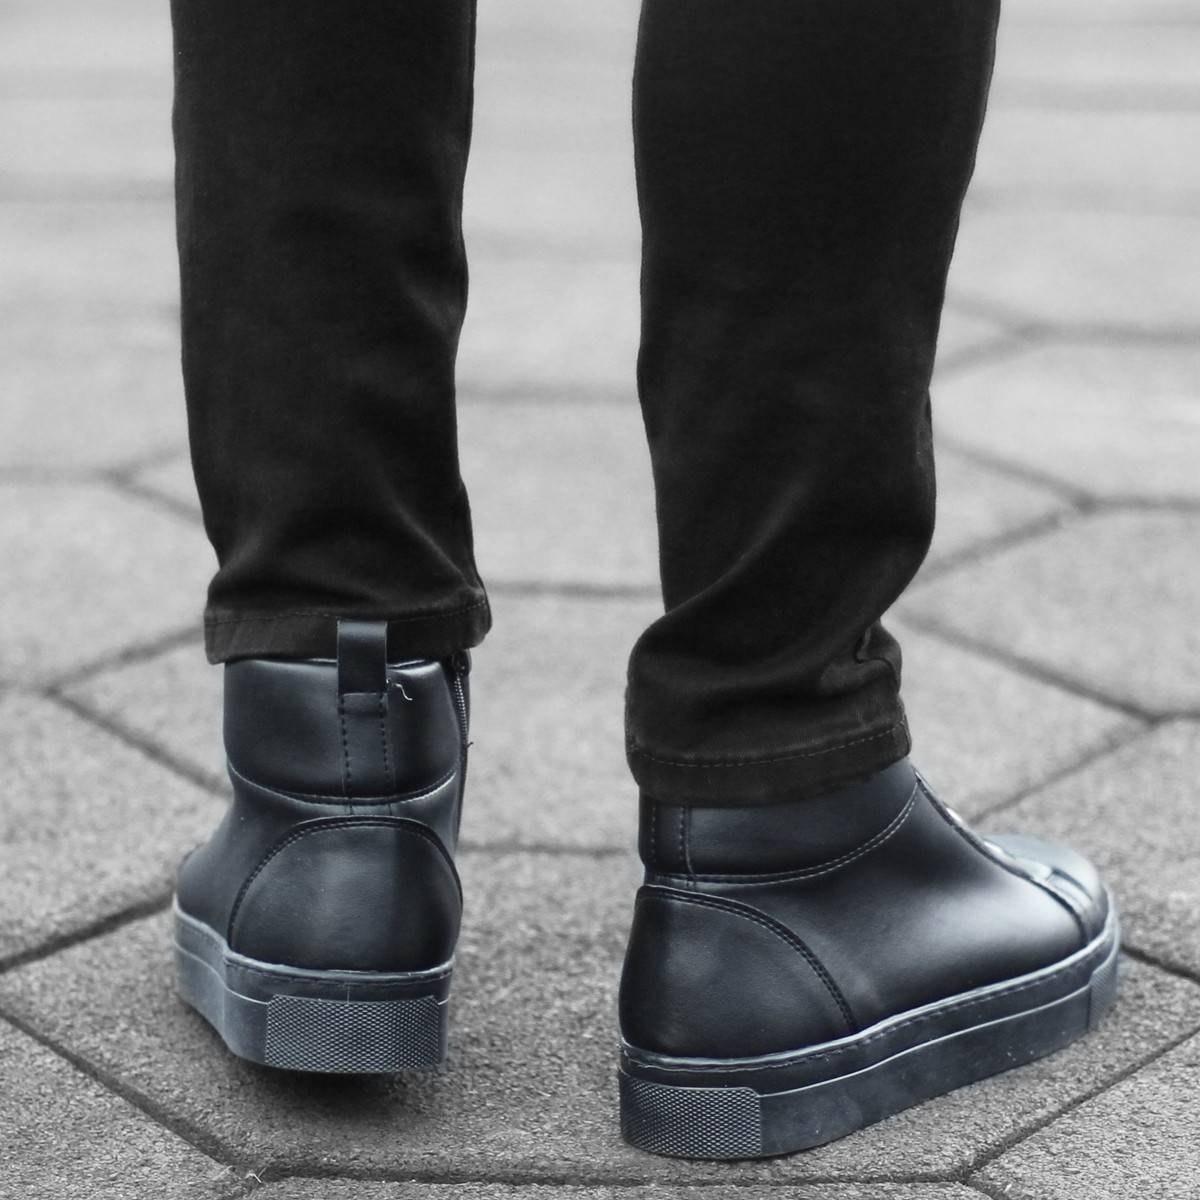 Urban Sneaker Boots in Black Mv Premium Brand - 3